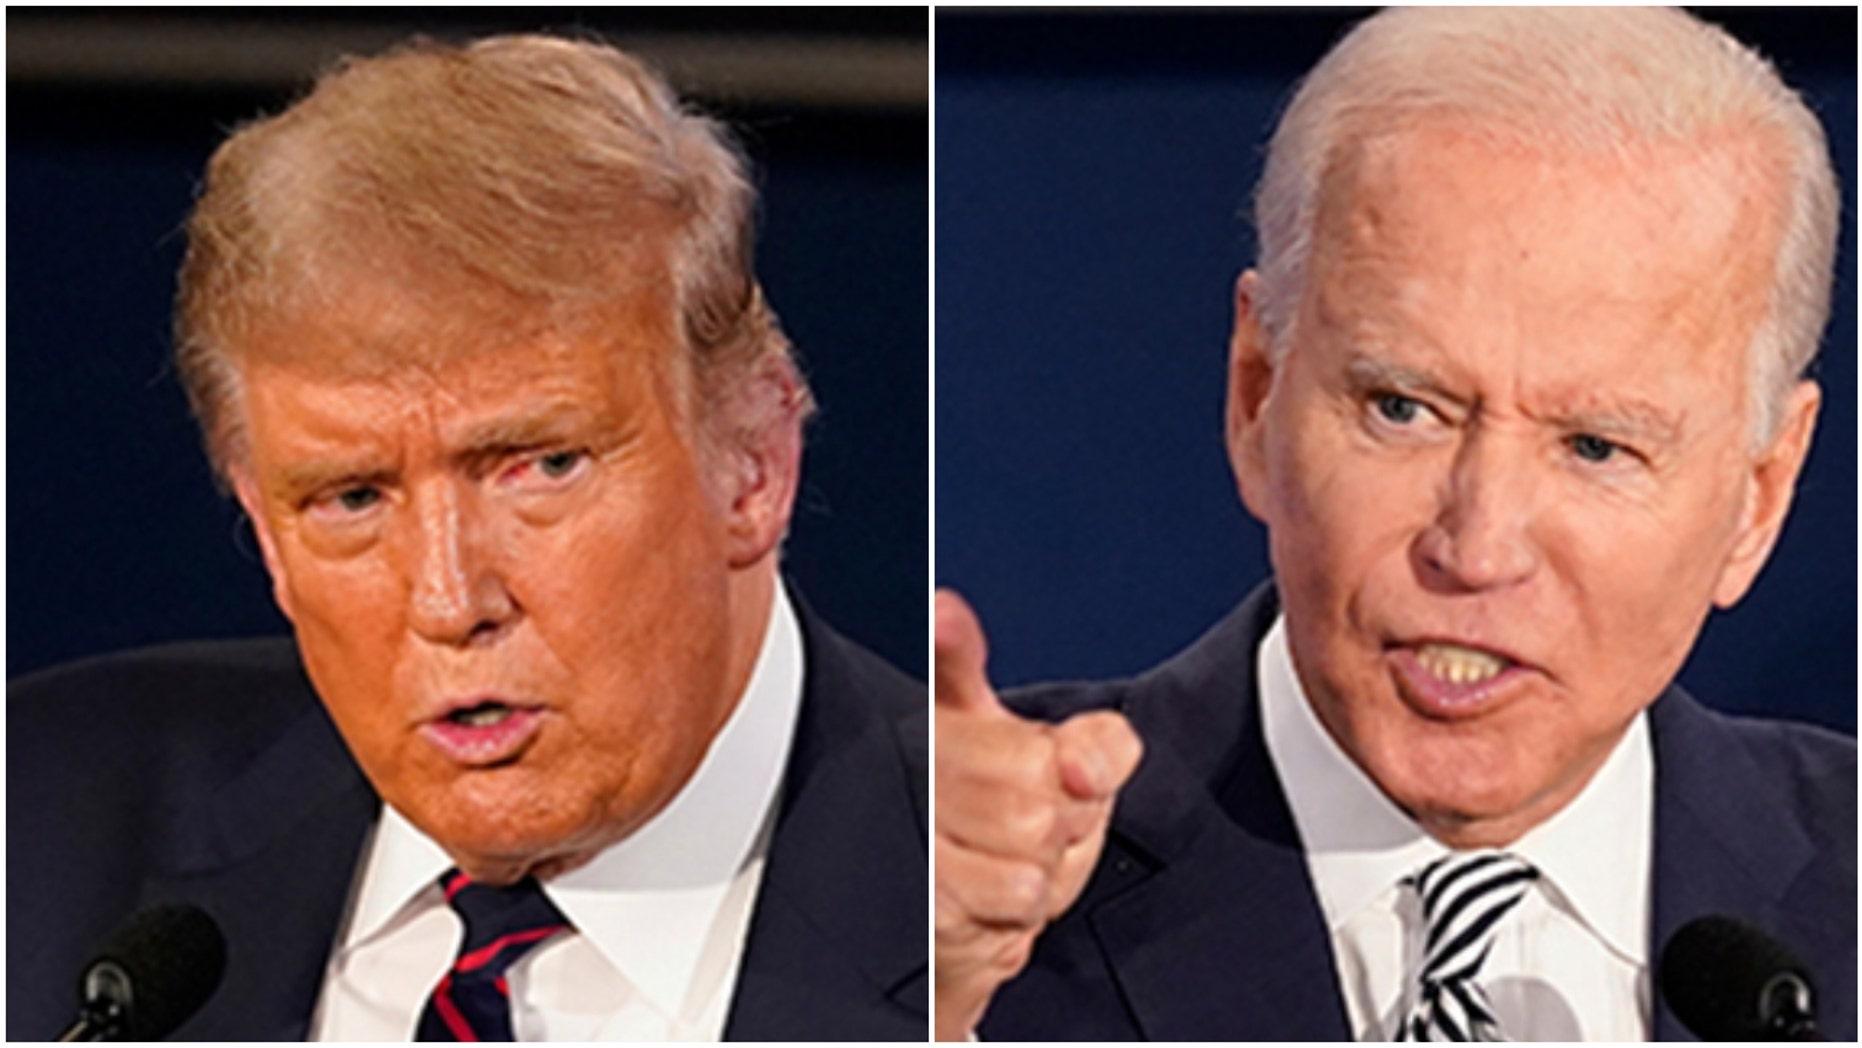 지우다, Biden get nasty in first presidential debate